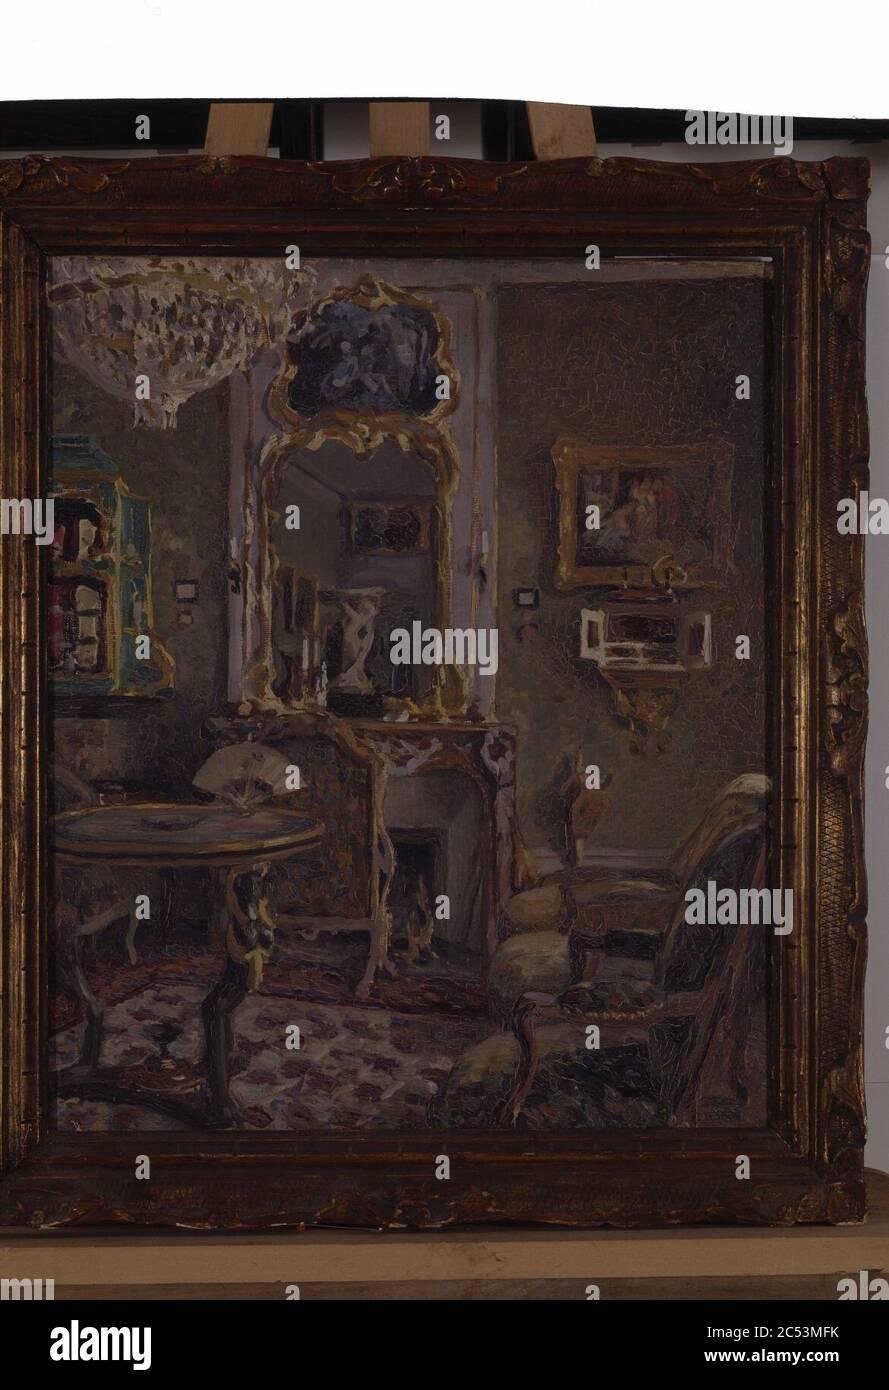 Intérieur de salon - Louis Desbois - musée d'art et d'histoire de Saint-Brieuc Foto de stock